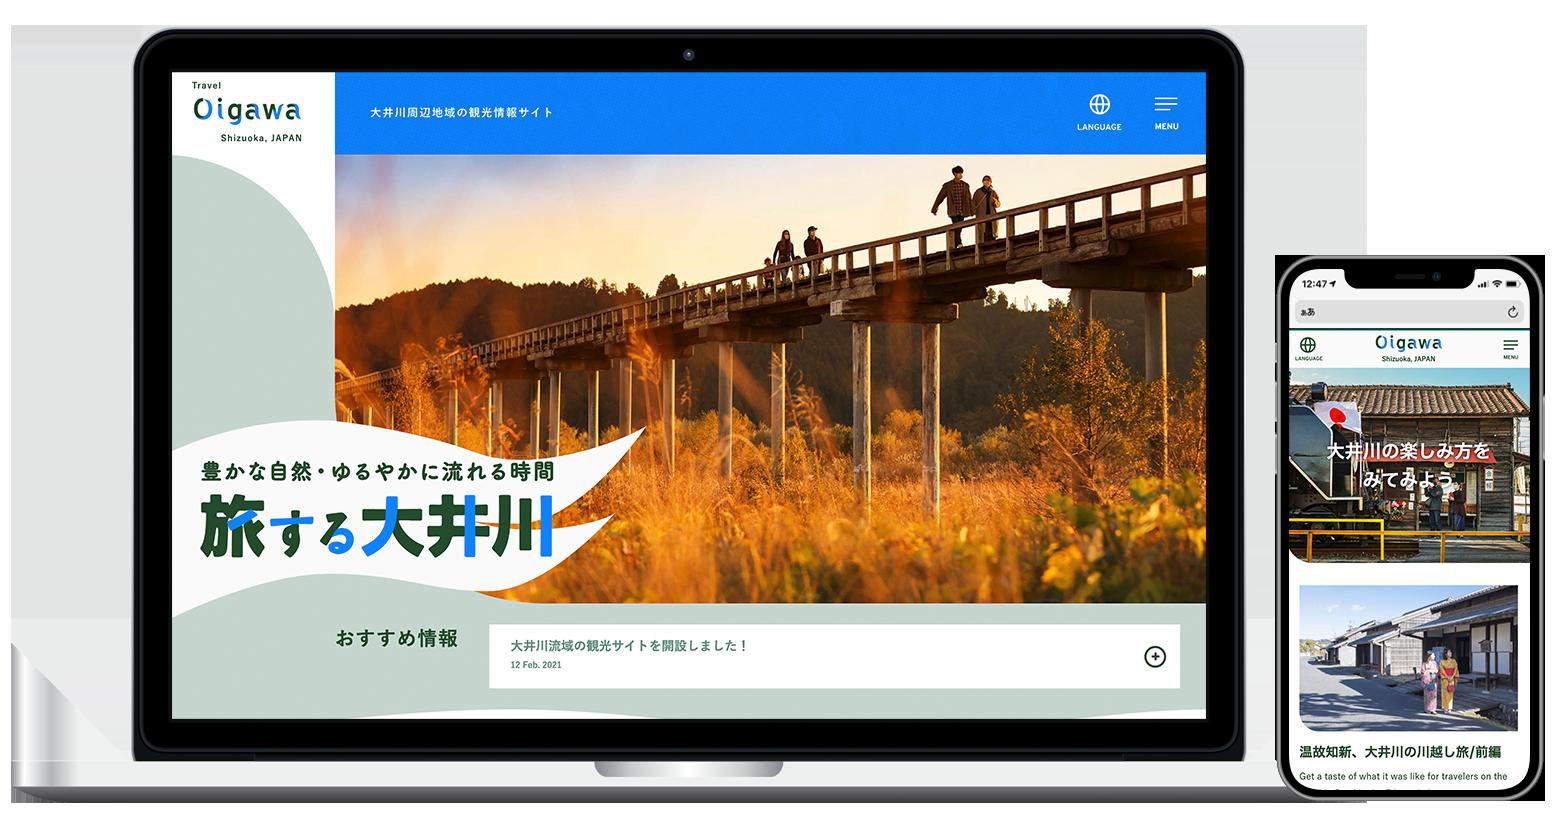 静岡県島田市 観光サイト「旅する大井川」